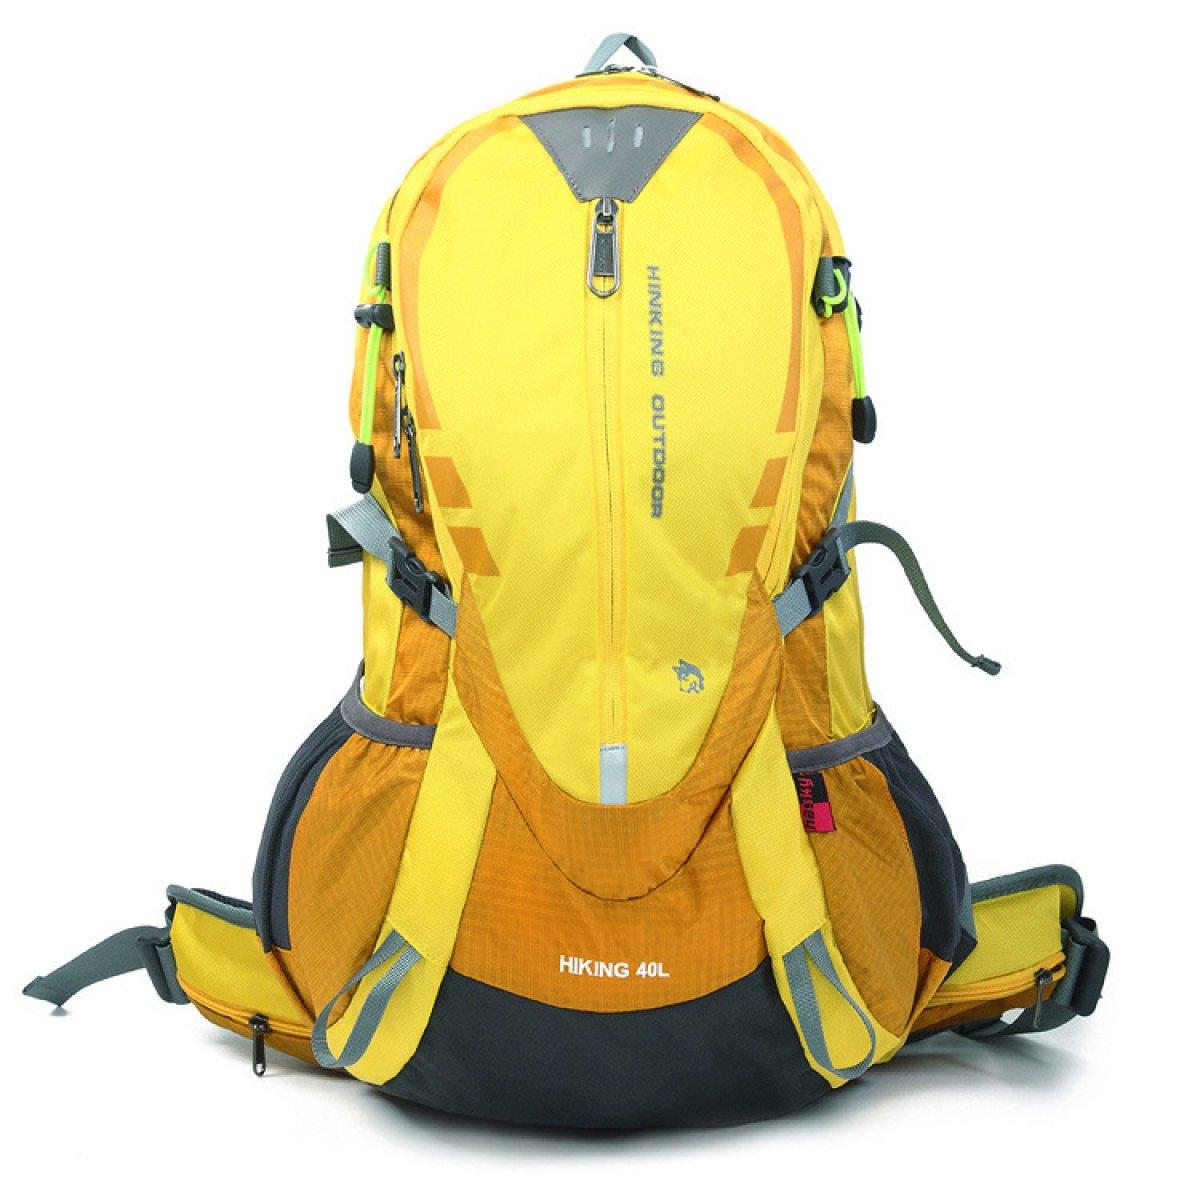 DUYANGANG Trekking Nylon Tocar Impermeable Montañismo 40L,Amarillo-OneSize Bolsa Deportes Mochila 40L,Amarillo-OneSize Montañismo be84ee